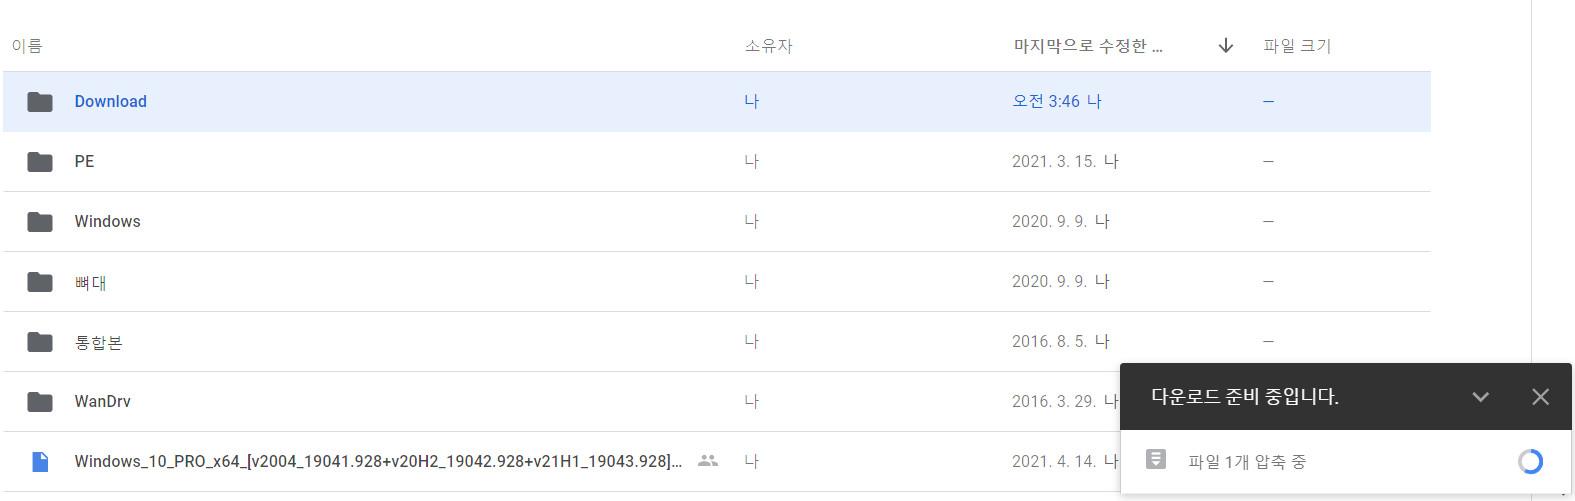 구글 드라이브 다운로드 초과했을 때 해결 방법 - 공유 문서함에서 다운로드할 파일을 바로가기 만들어서 다른 파일 1개와 함께 다운로드 - 1시간이나 걸렸지만 다운로드 되네요 2021-04-15_034742.jpg